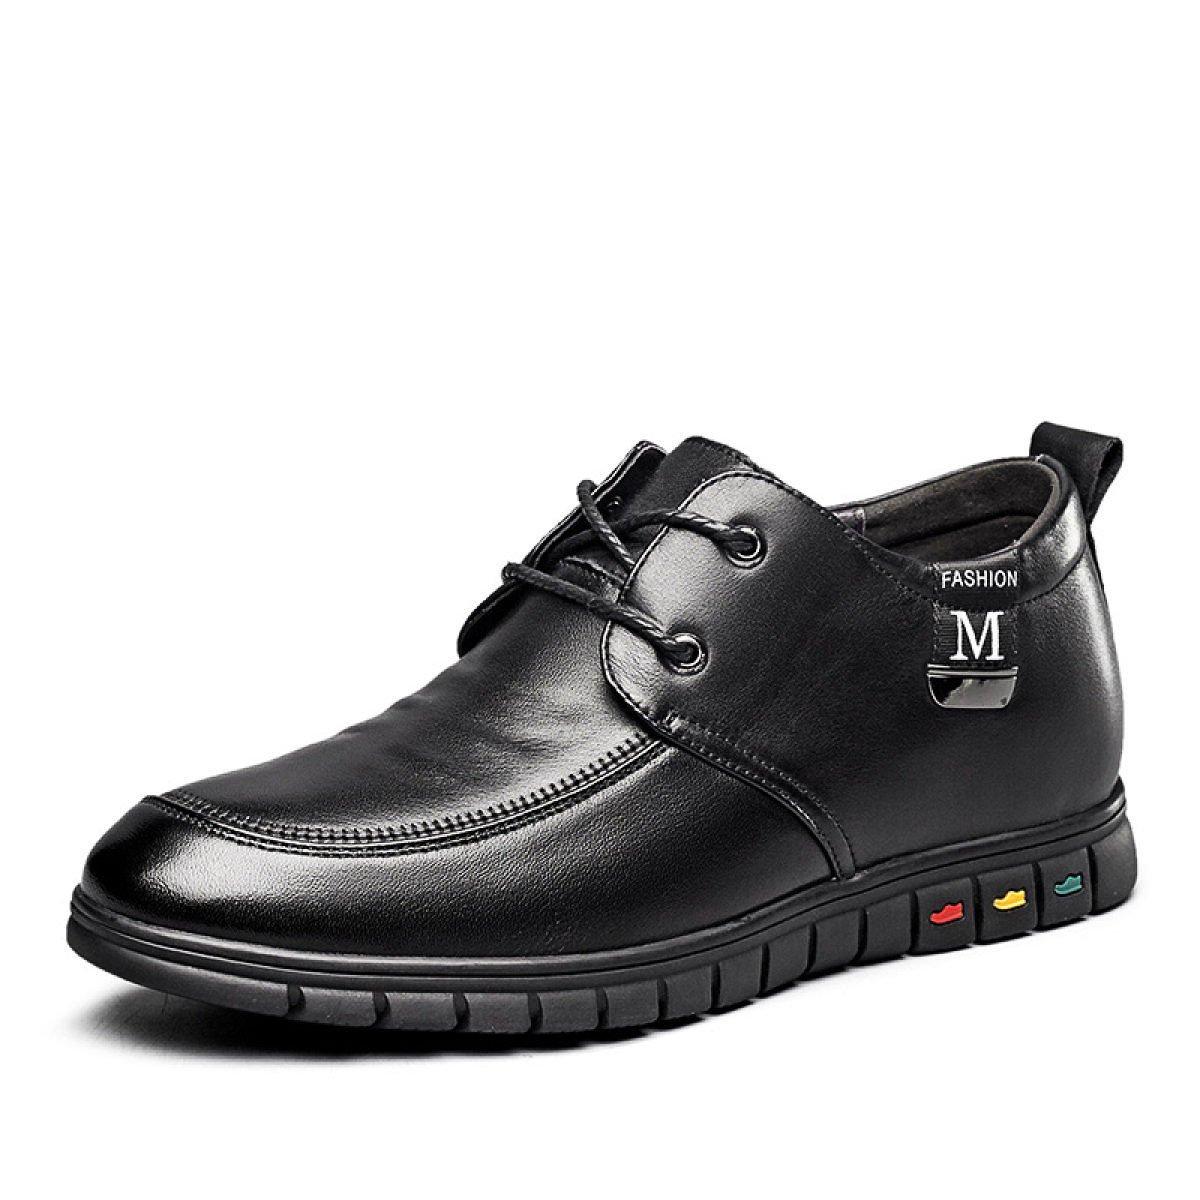 MUYII Herren Oxfords Leder Kleid Schuhe Erhöhte Höhe Ferse 25 MM Casual Lace Up Herren Rutschfeste Schuhe Business-Schuhe für Männer